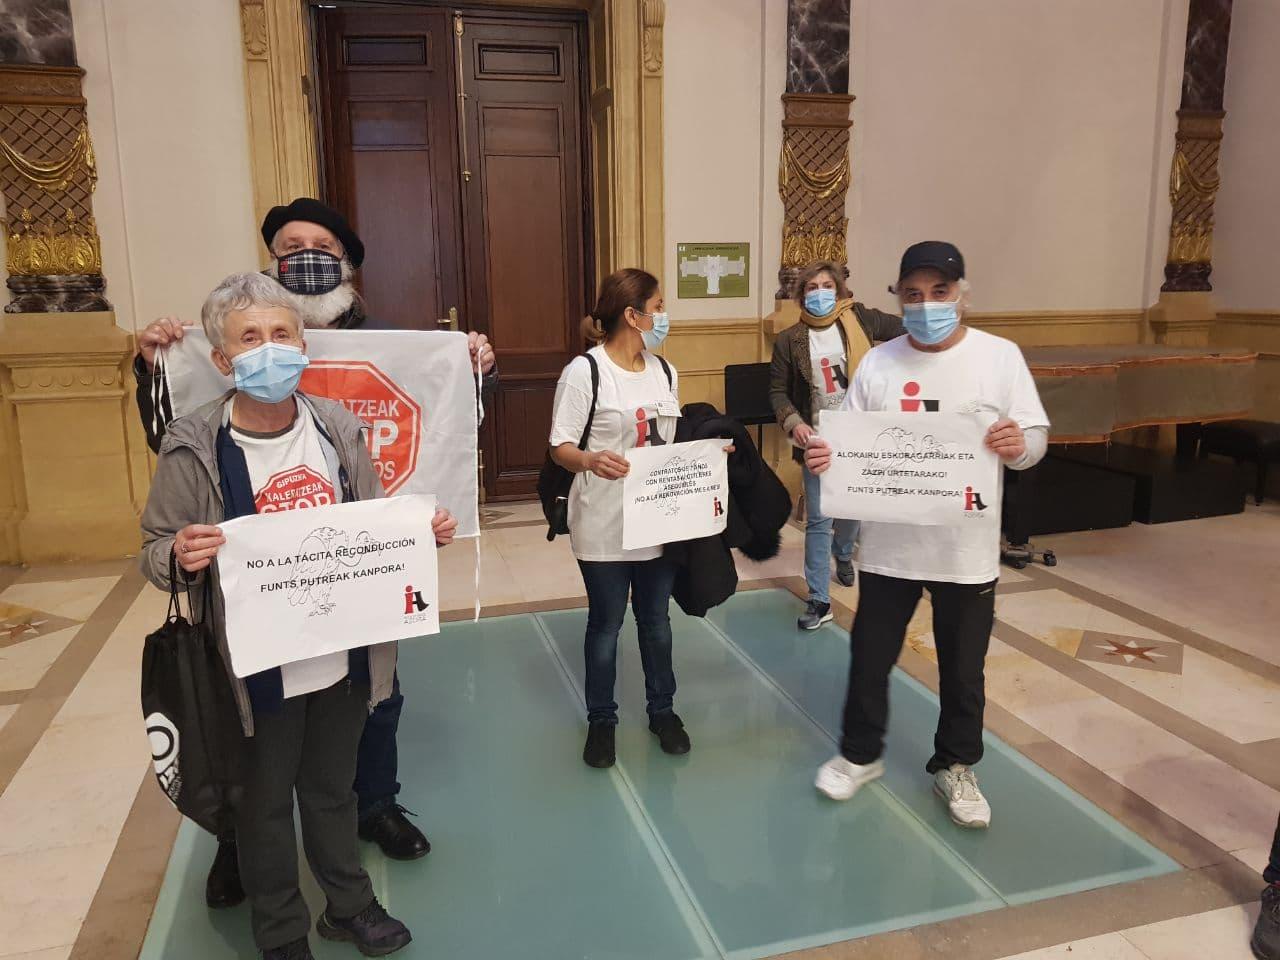 Representantes de Inquilinos de Azora y Stop Desahucios hoy en el pleno. Foto: Inquilinos de Azora